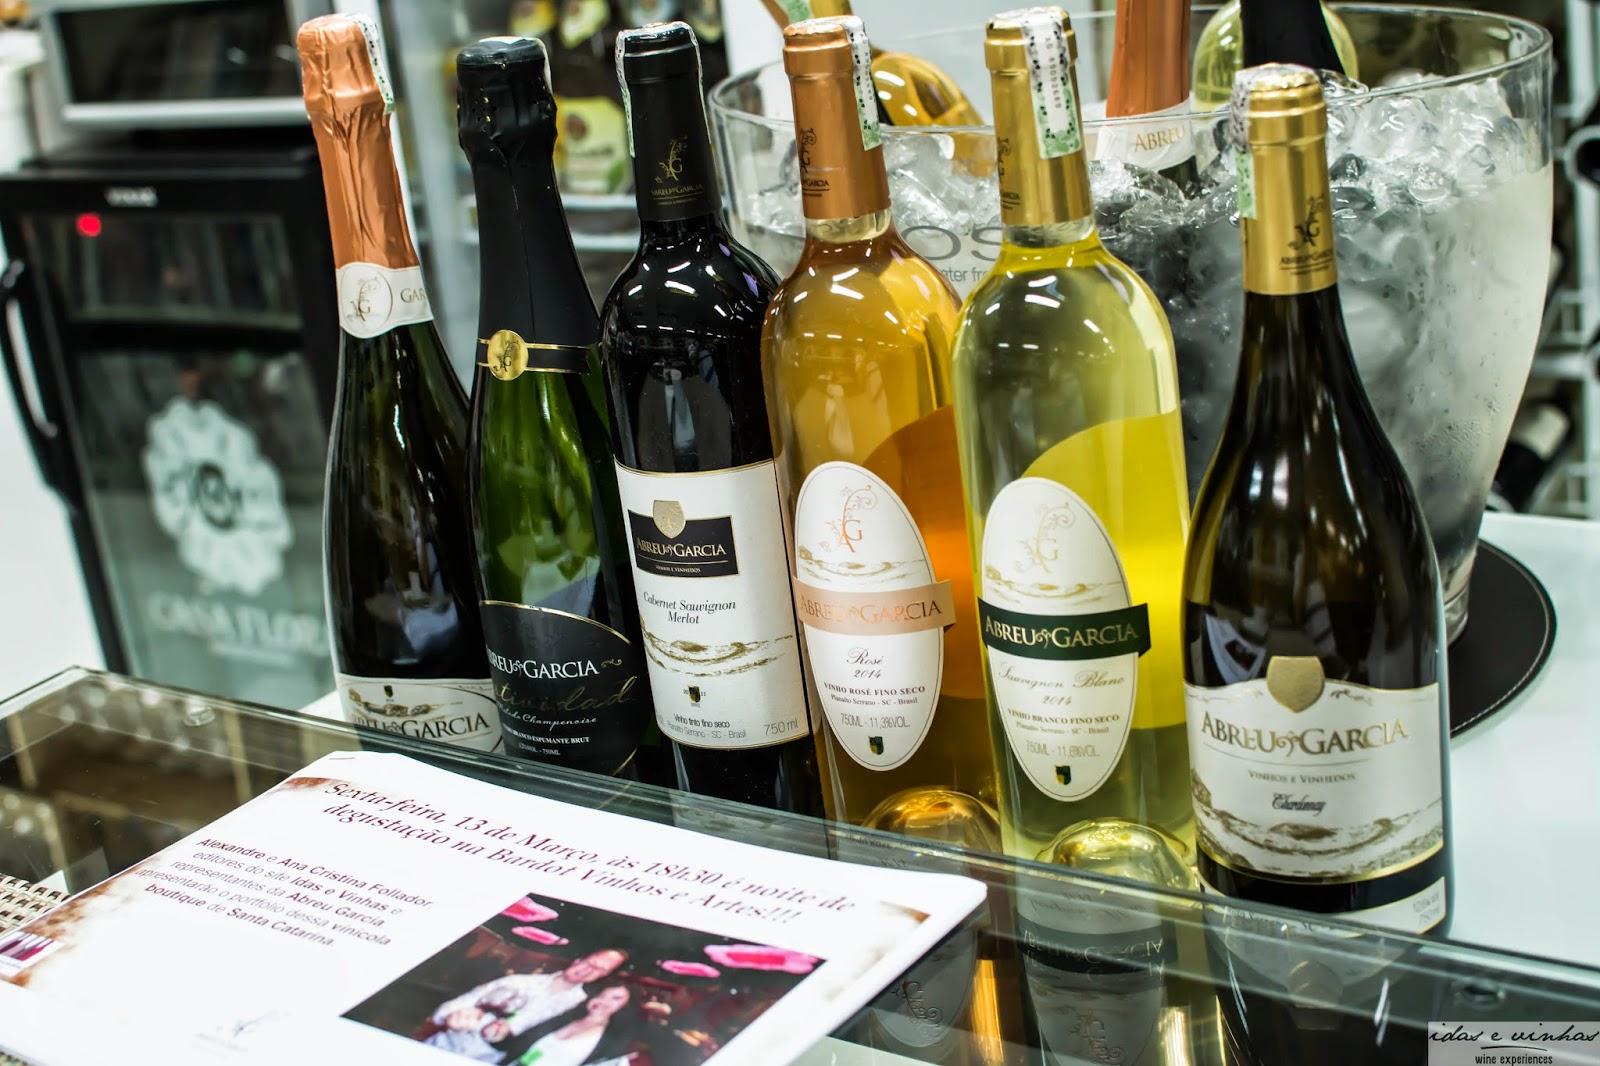 Bardot Vinhos e Artes